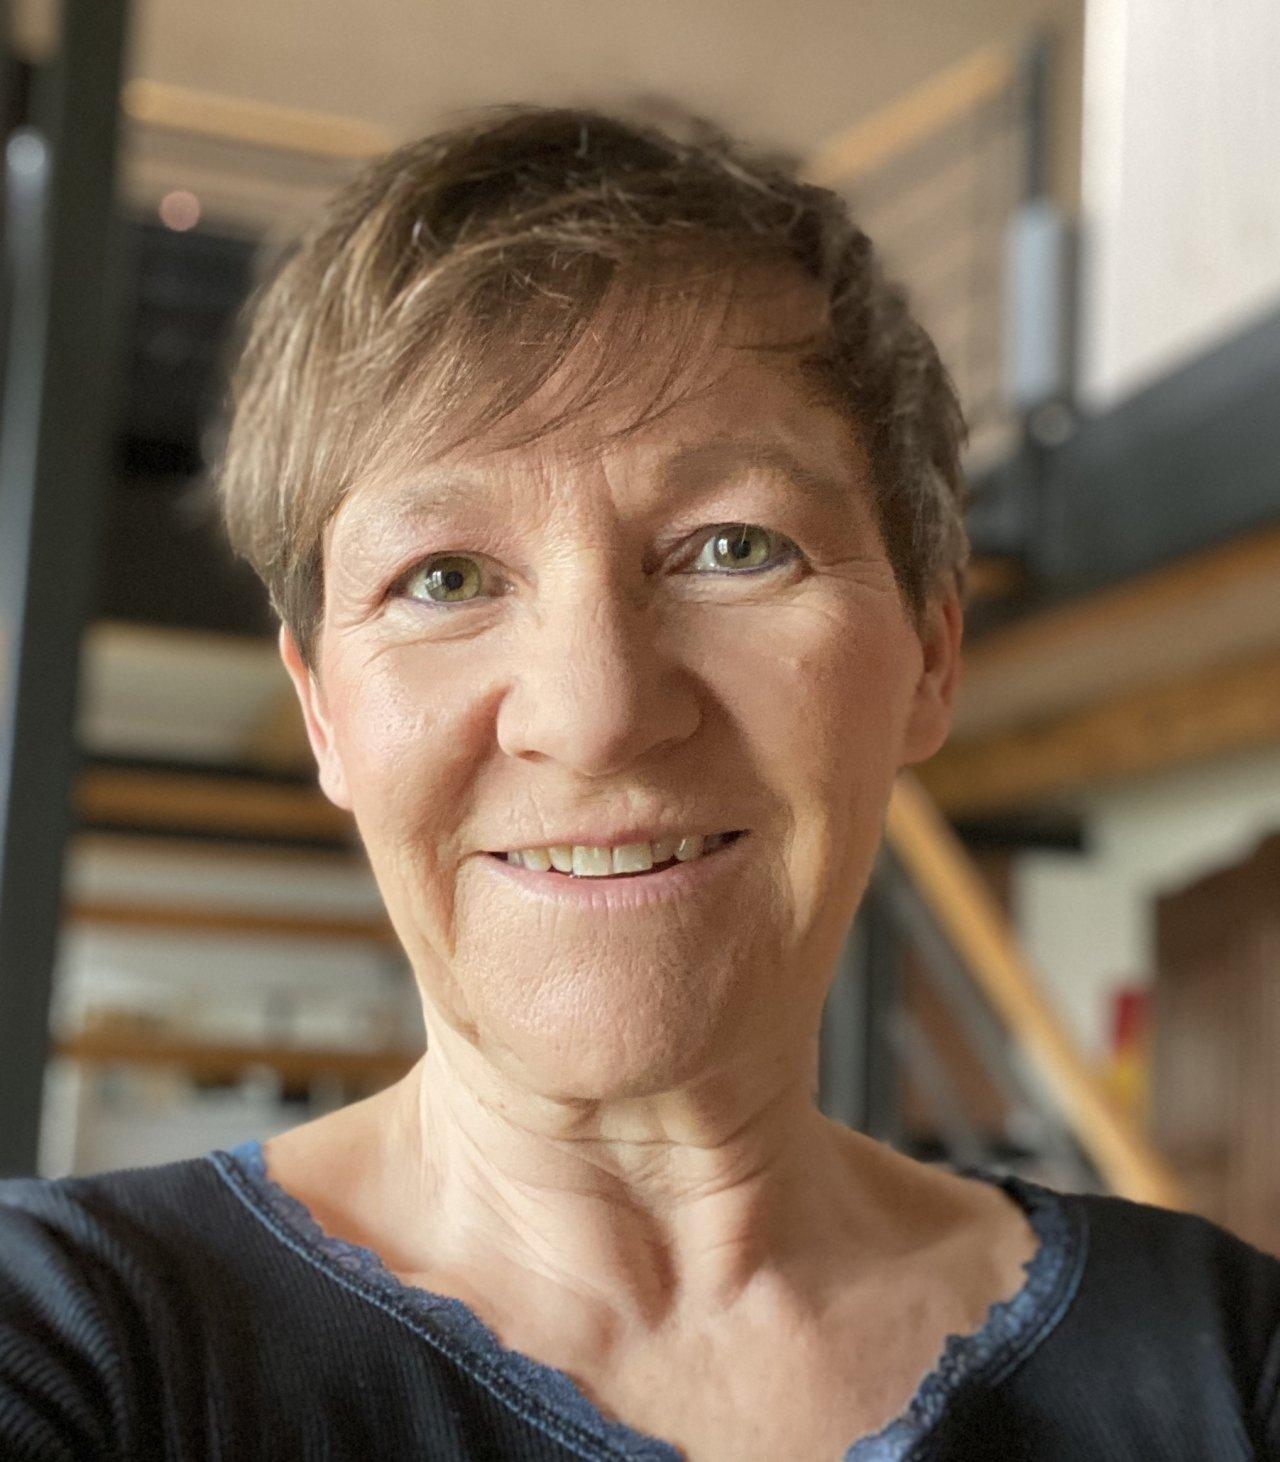 Das Portraitfoto in schwarz weiß, zeigt Gabriele Furhan mit kurzen Haaren und einer Brille. Sie trägt ein helles Polo T-Shirt. Der Hintergrund ist ebenfalls hell.